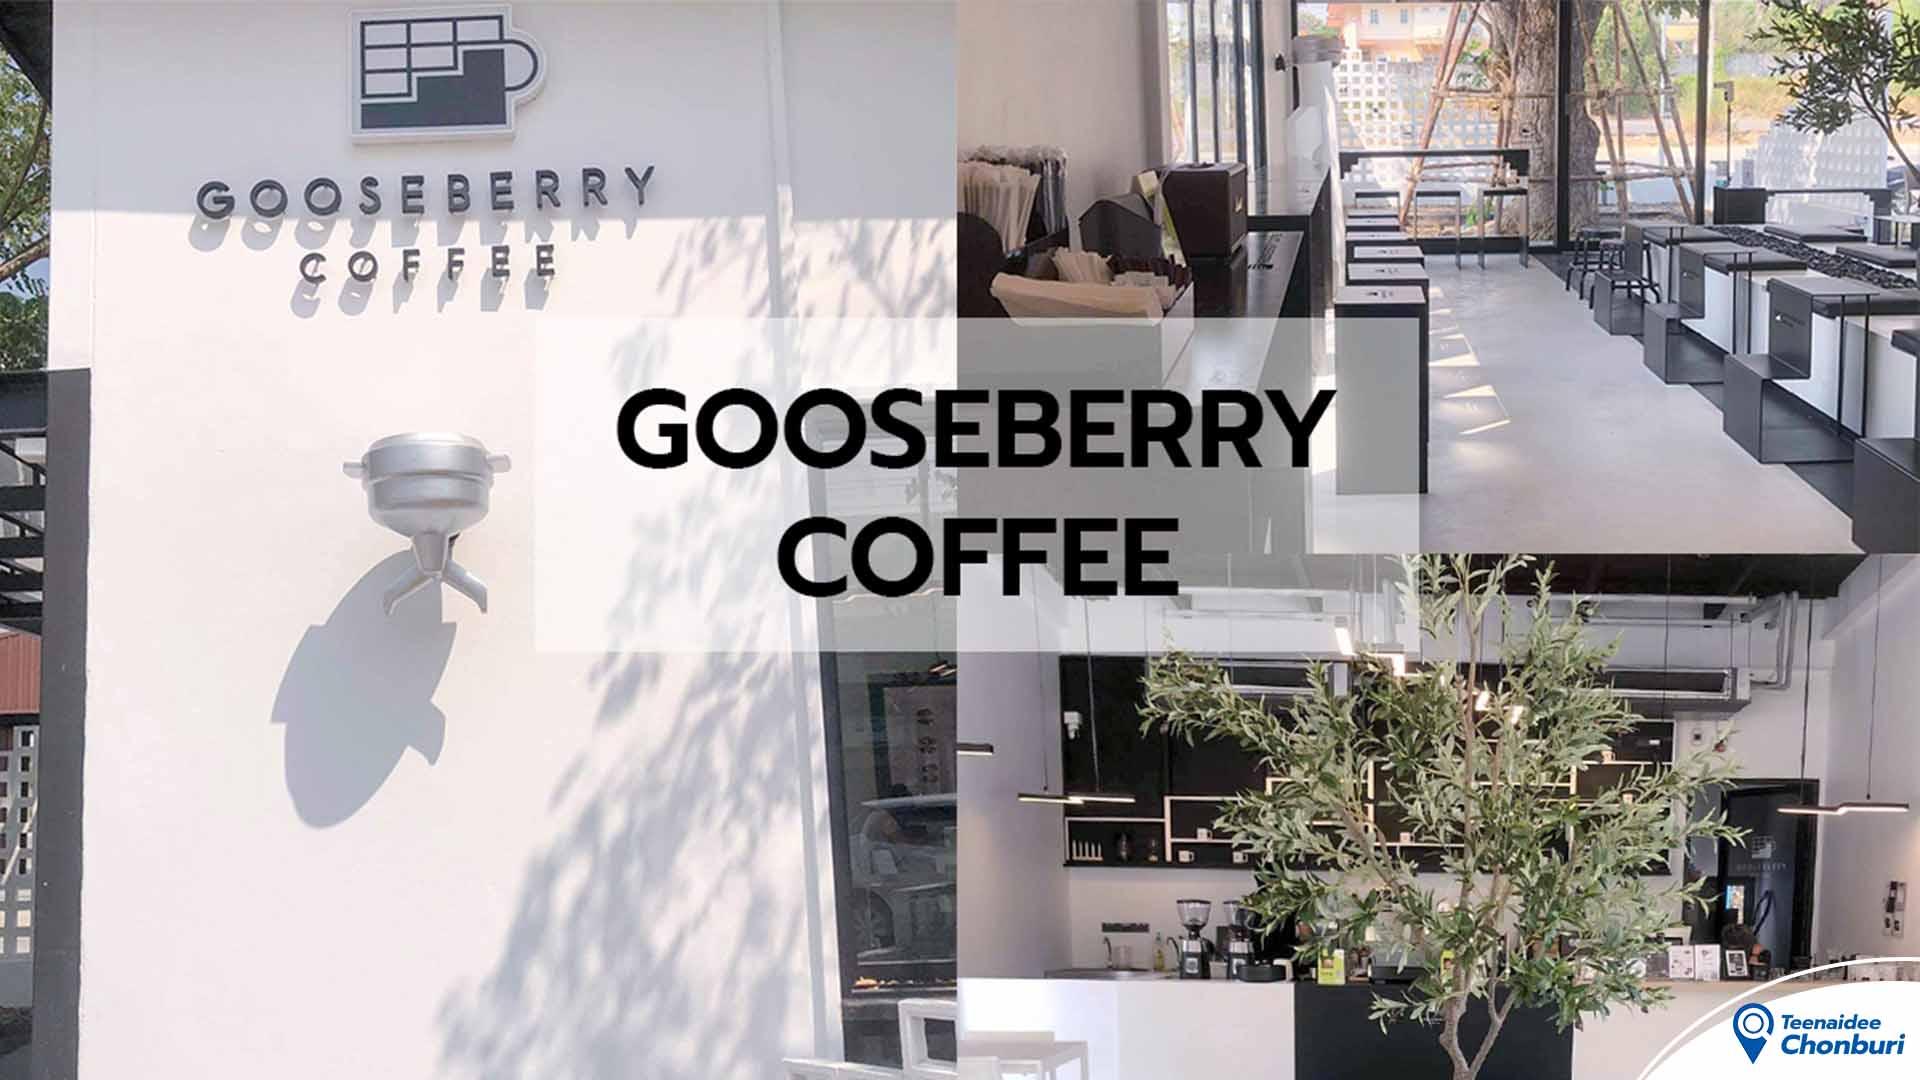 Gooseberry Coffee Bowin ร้านคาเฟ่ทูโทนสุดคูล